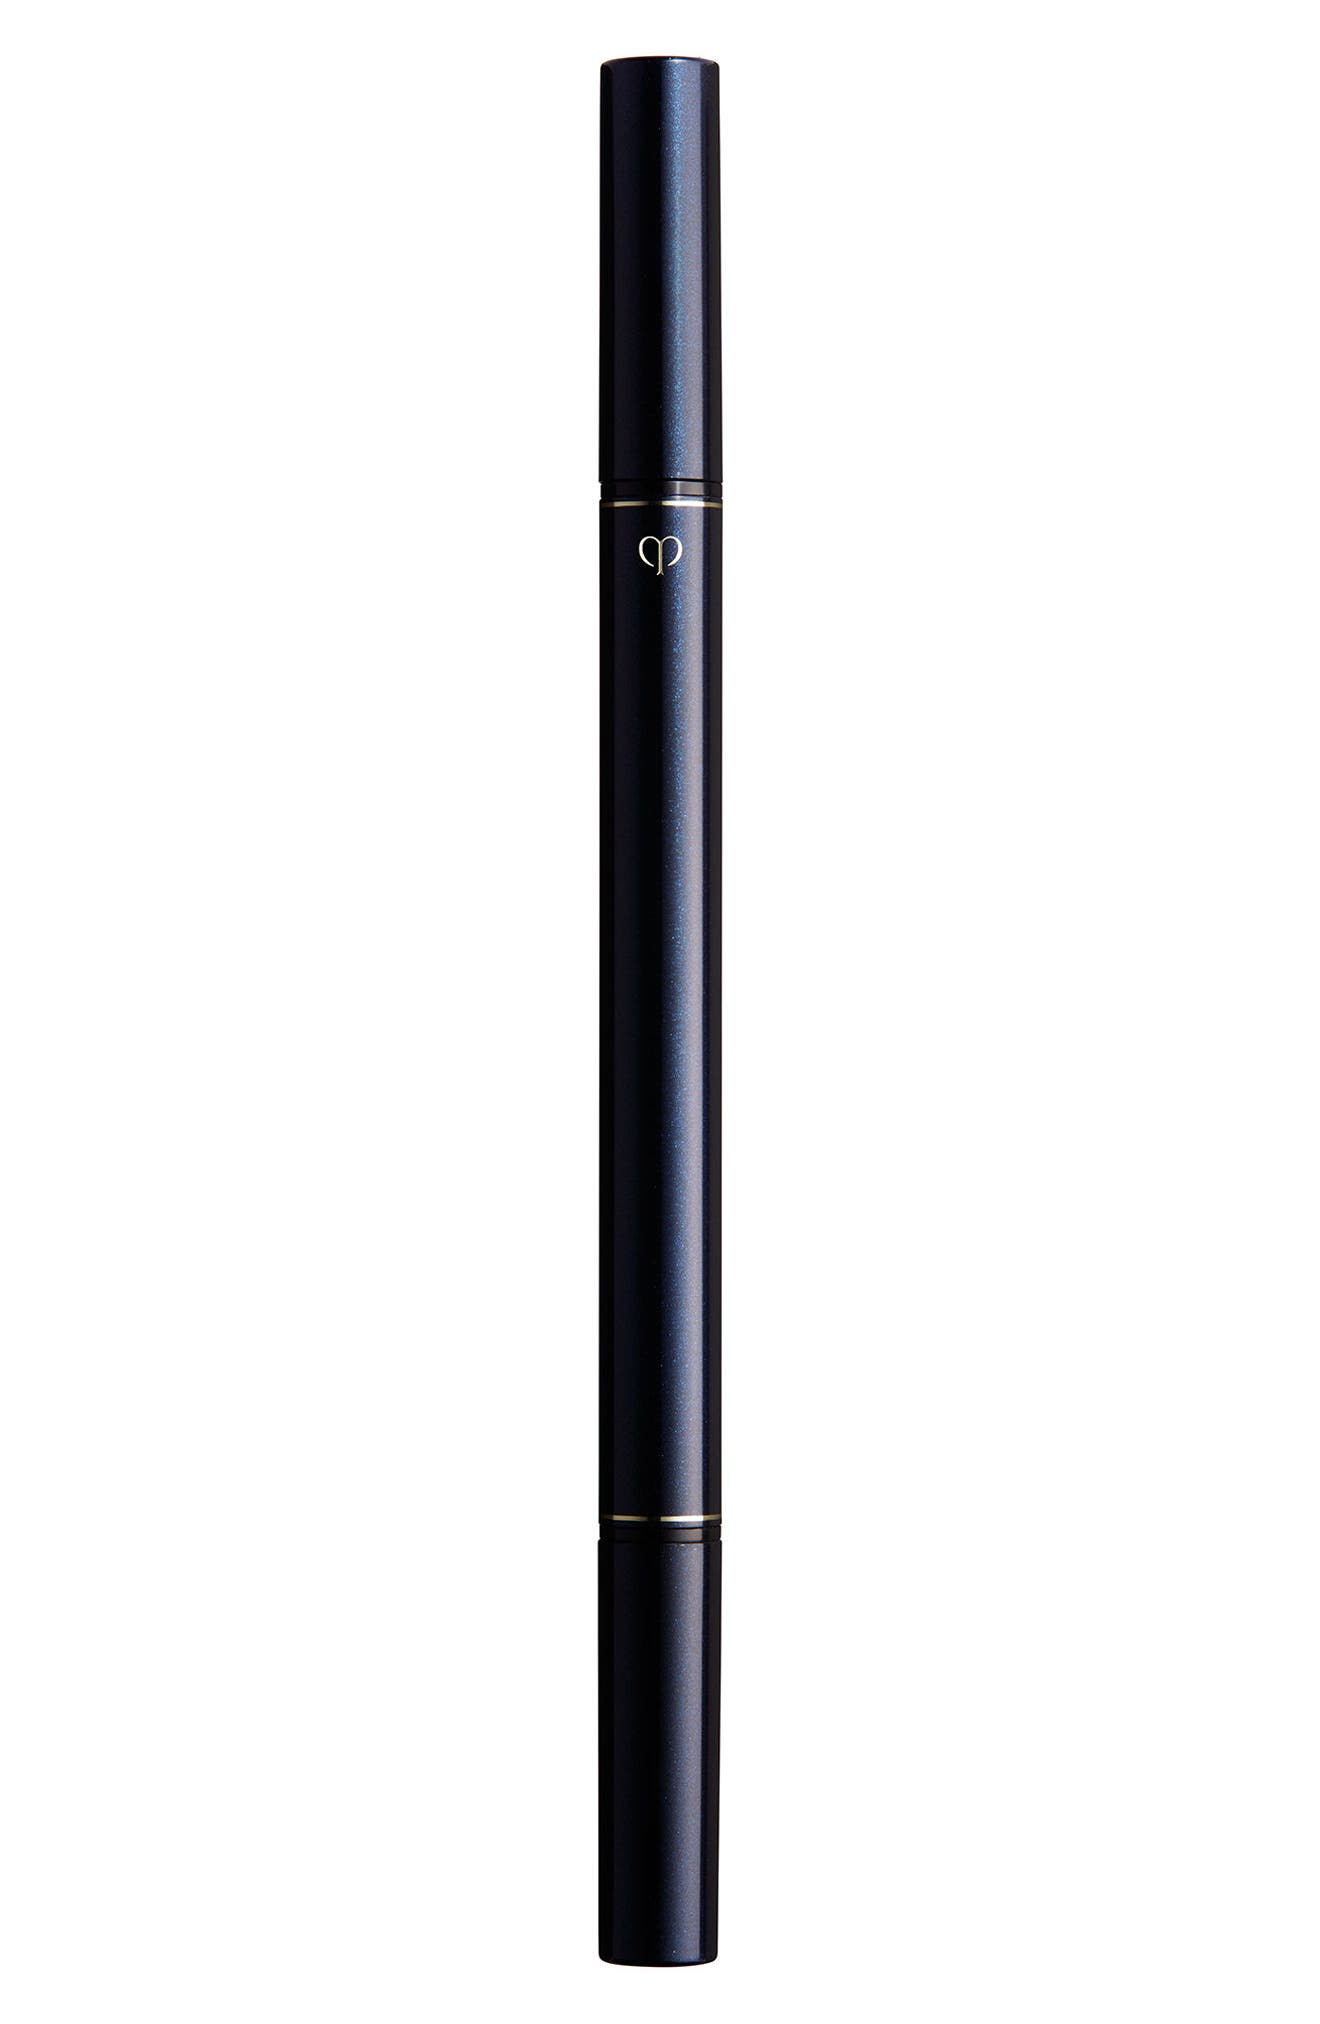 Cle De Peau Beaute Intensifying Liquid Eyeliner - Brown